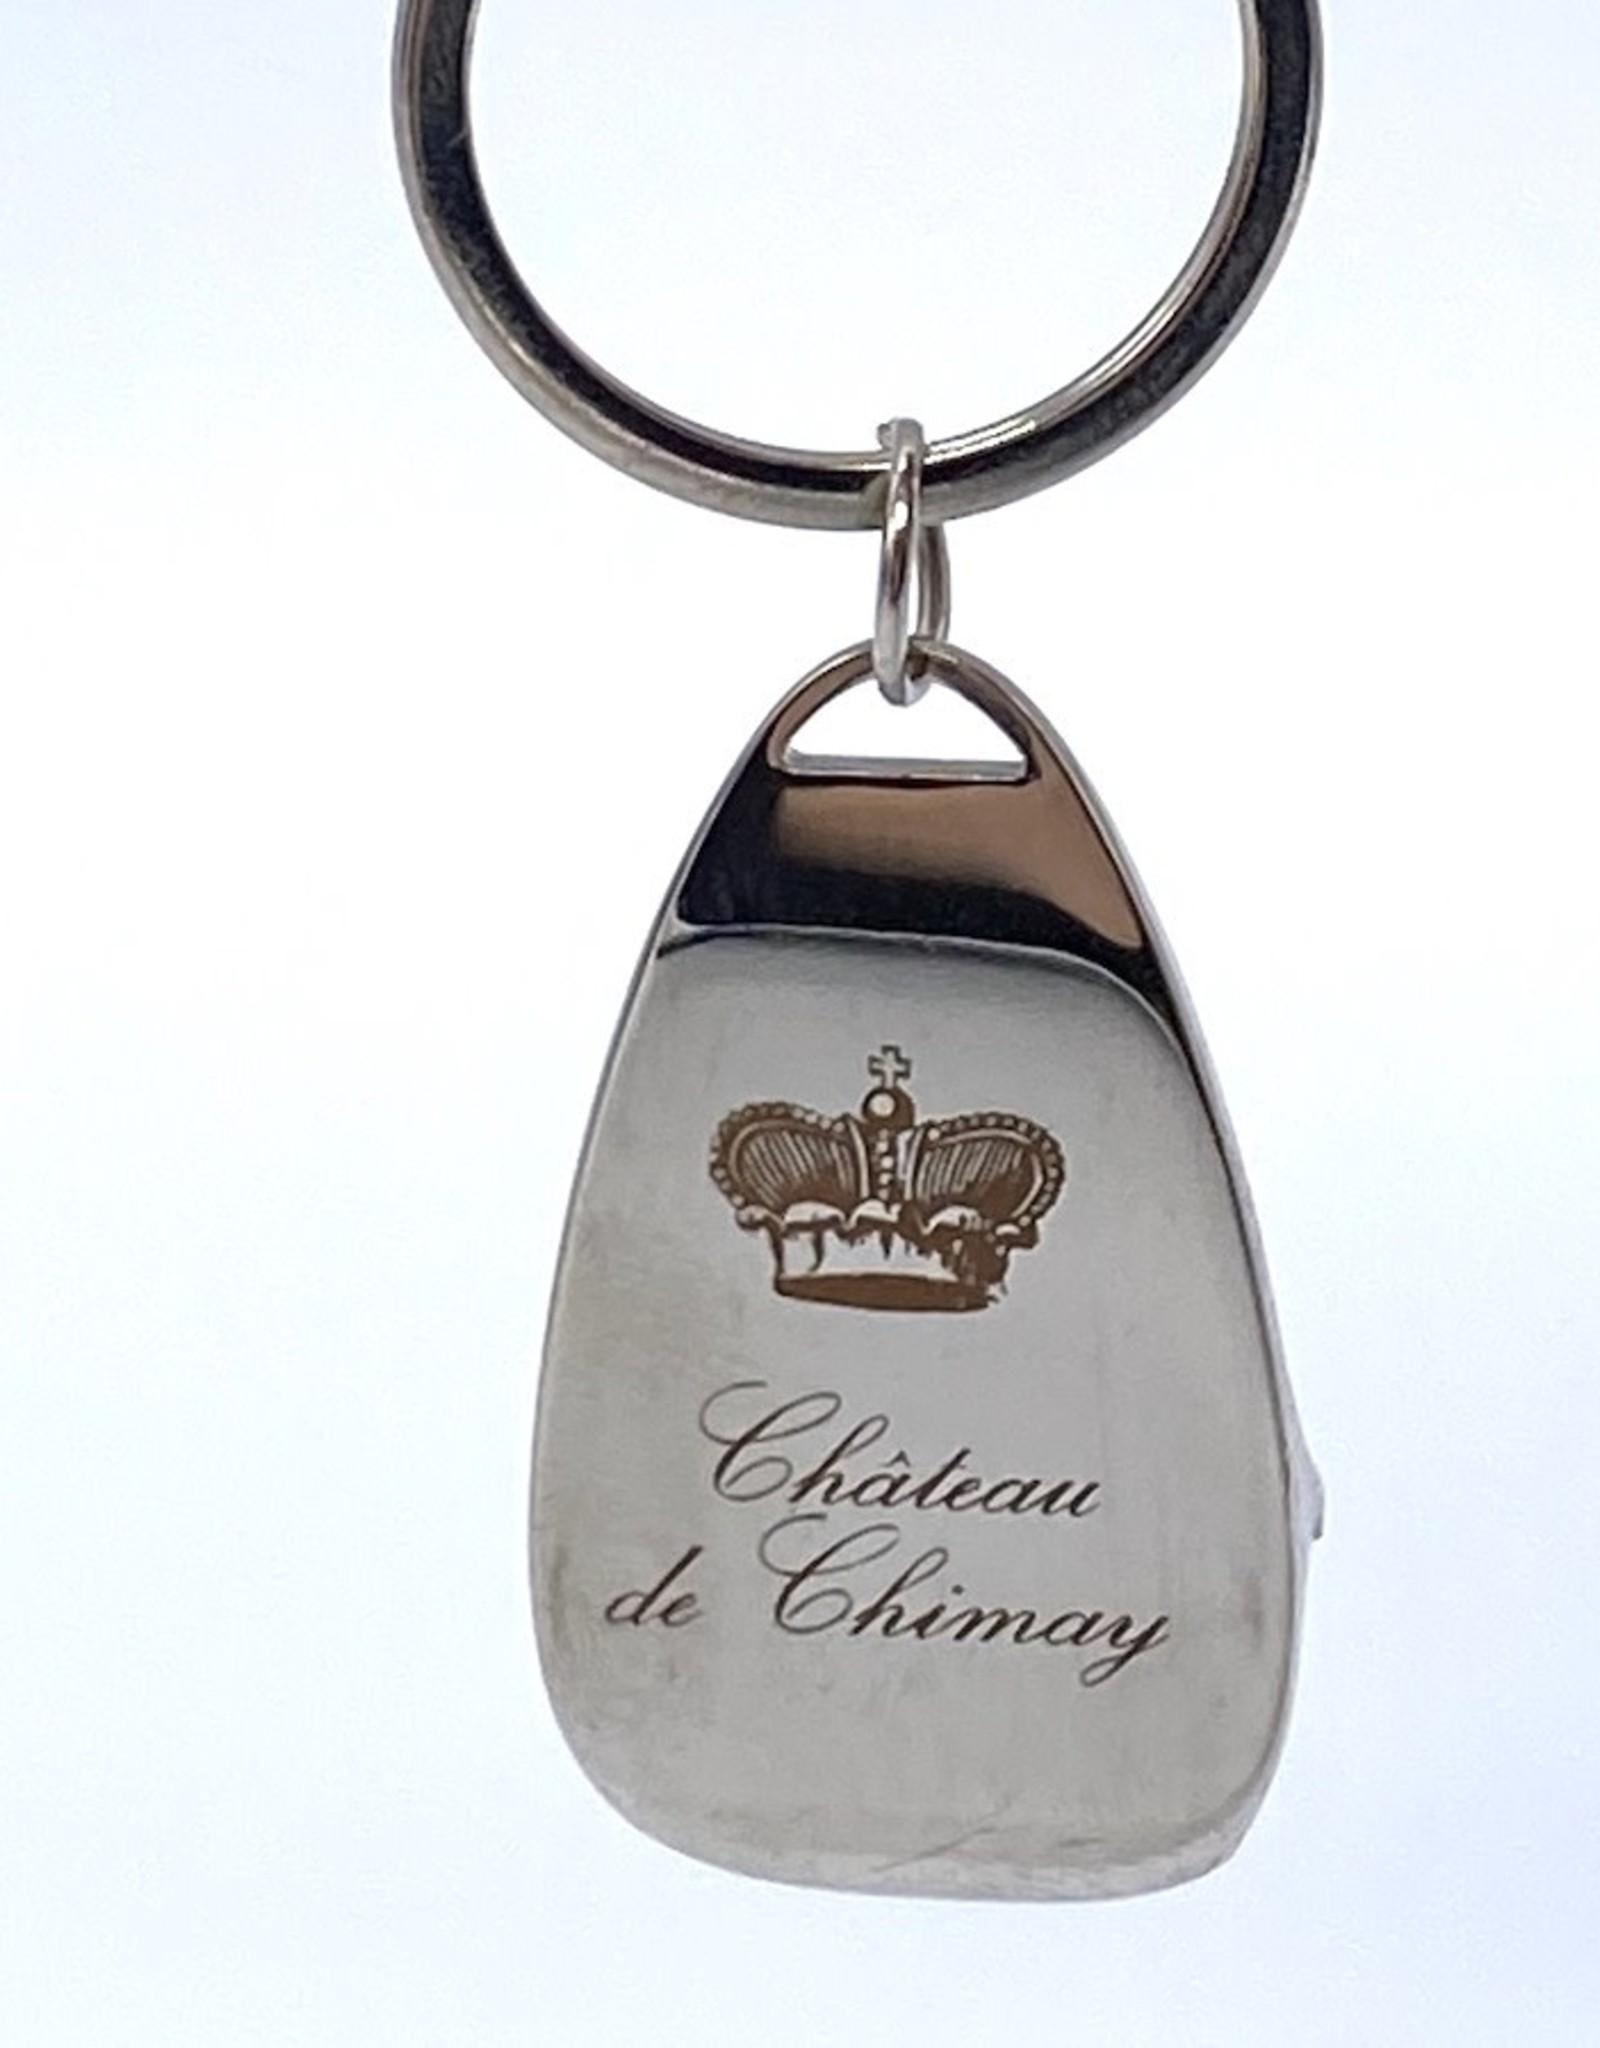 Château de Chimay Porte-clé métal + décapsuleur